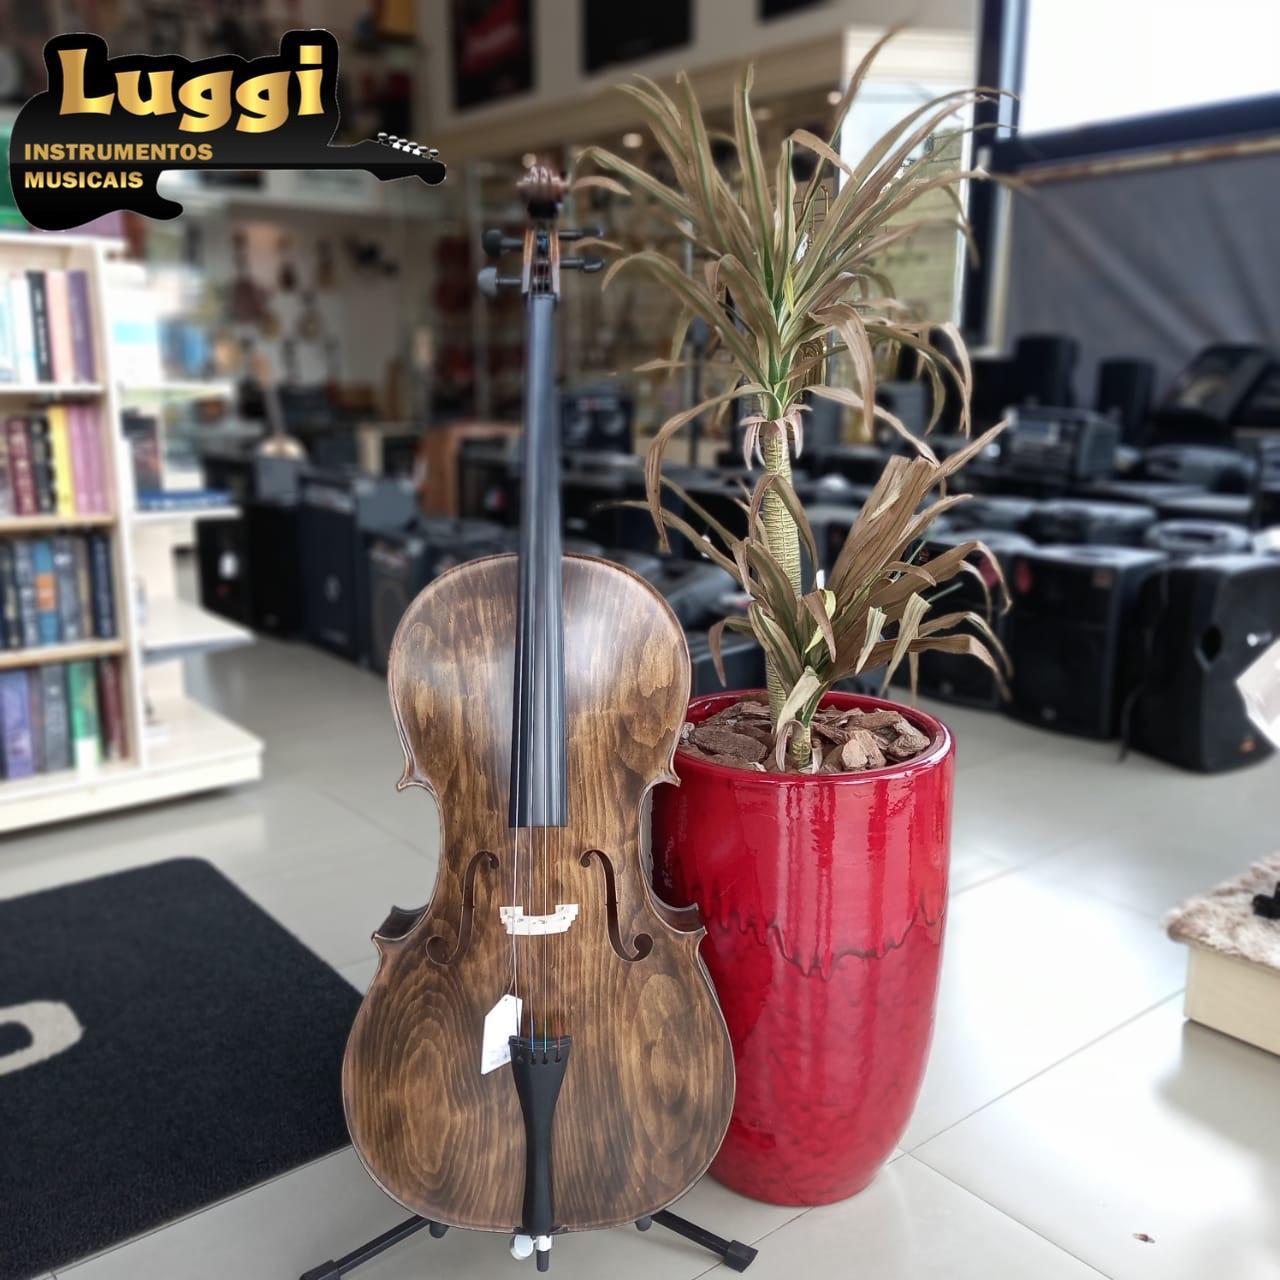 Violoncelo Nhureson 4/4 Alegro  - Luggi Instrumentos Musicais